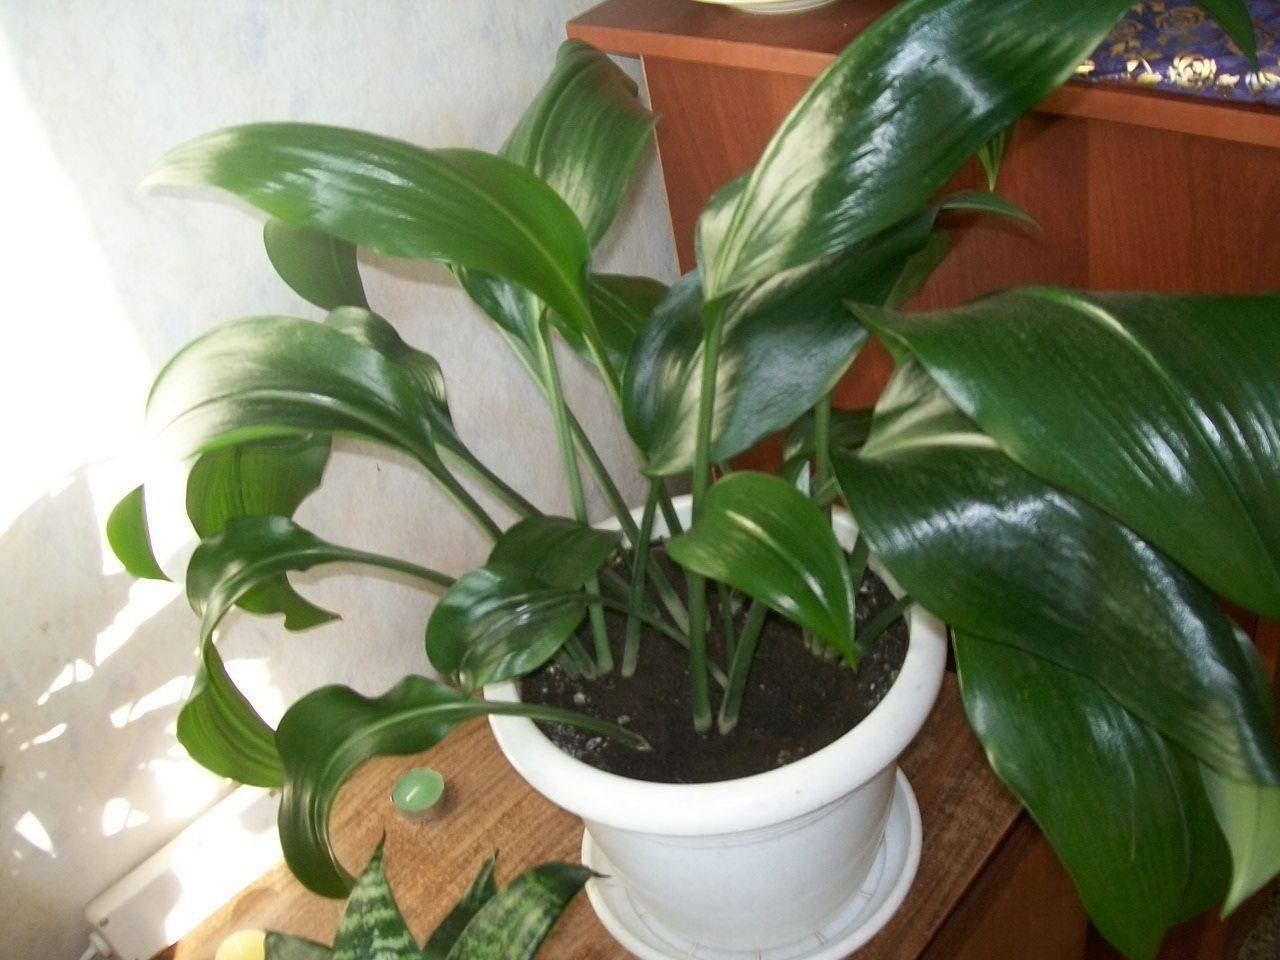 Как ухаживать за эухарисом в домашних условиях. почему не цветет амазонская лилия